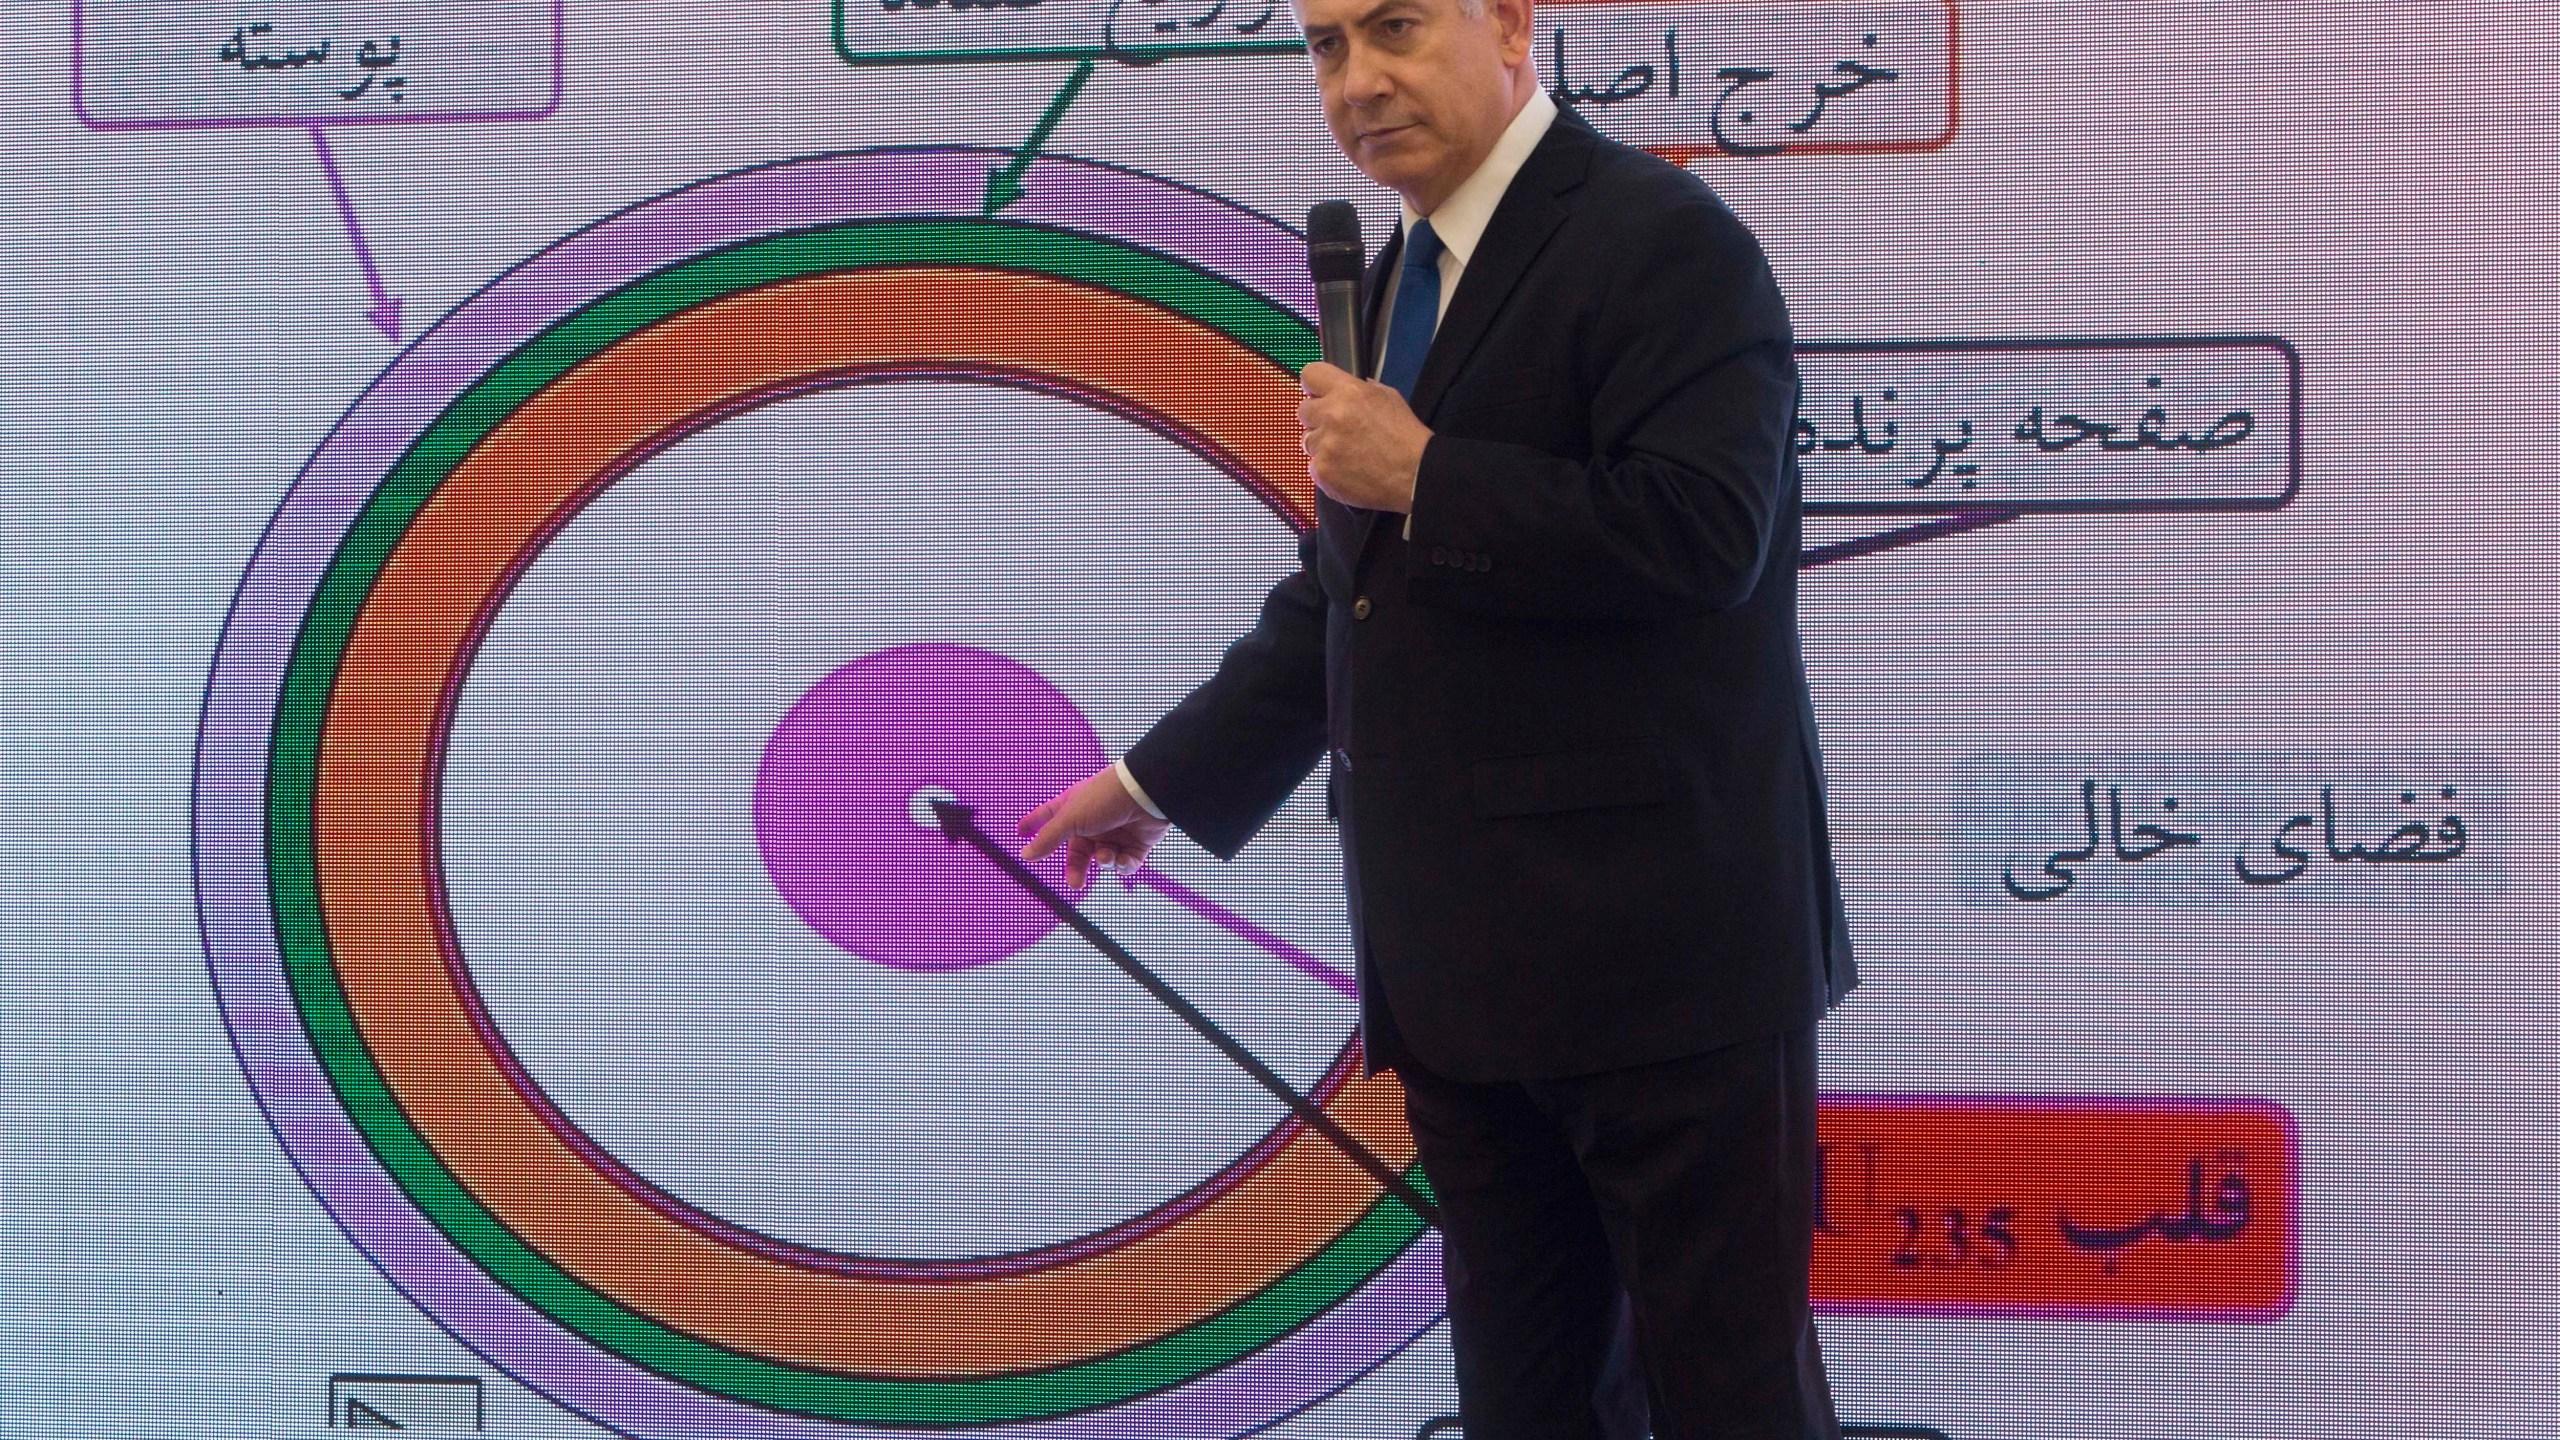 Israel Iran_1525181215763